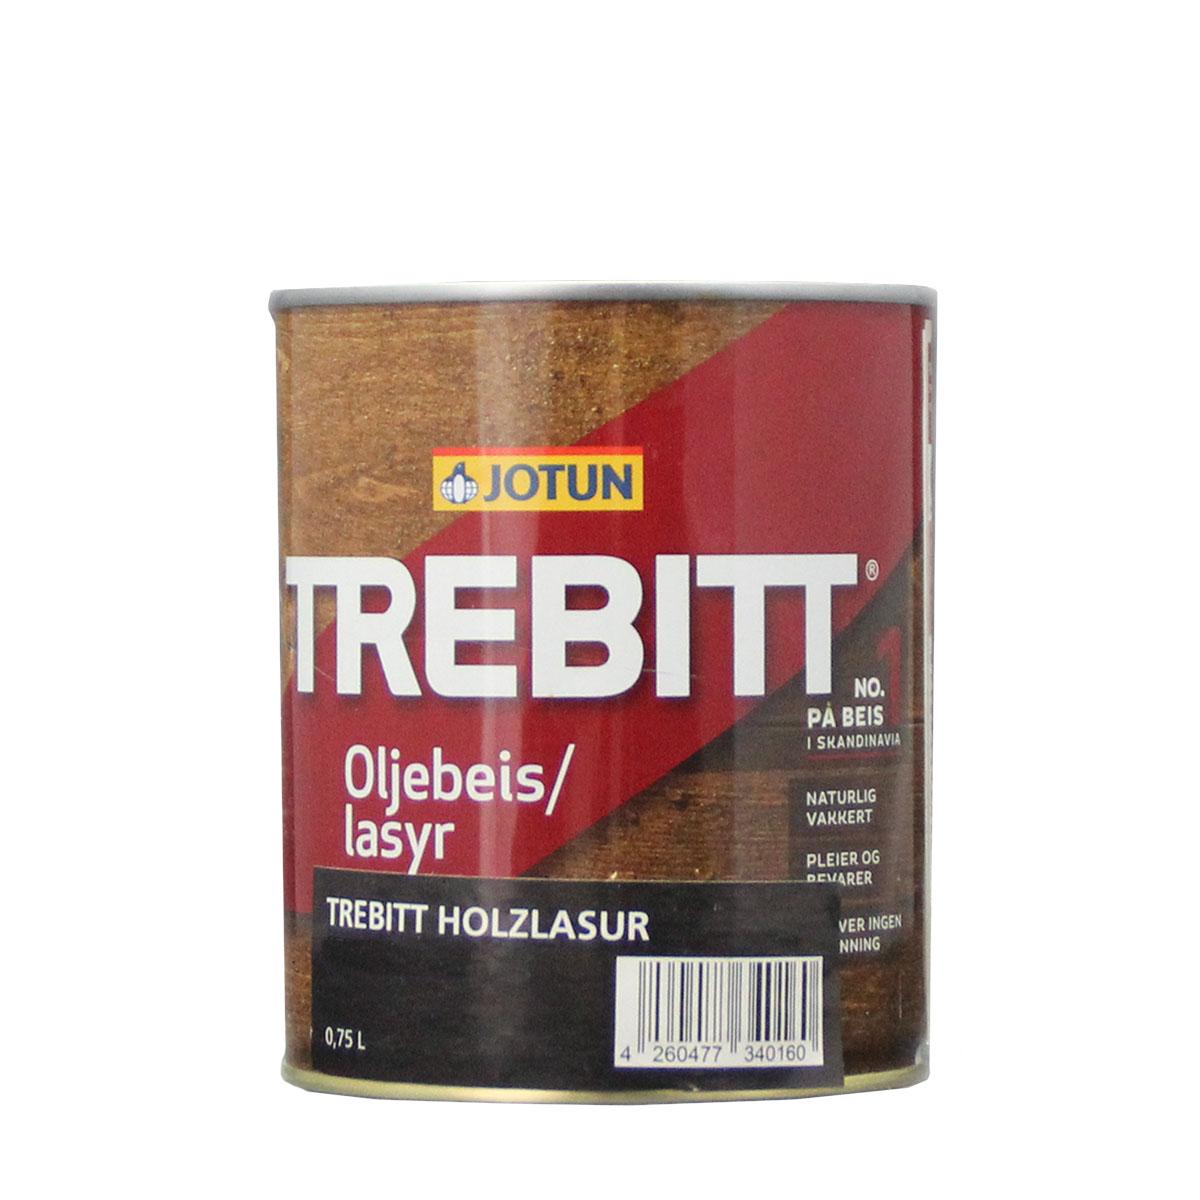 Jotun Trebitt 750ml versch. Farbtöne, Holzschutzlasur